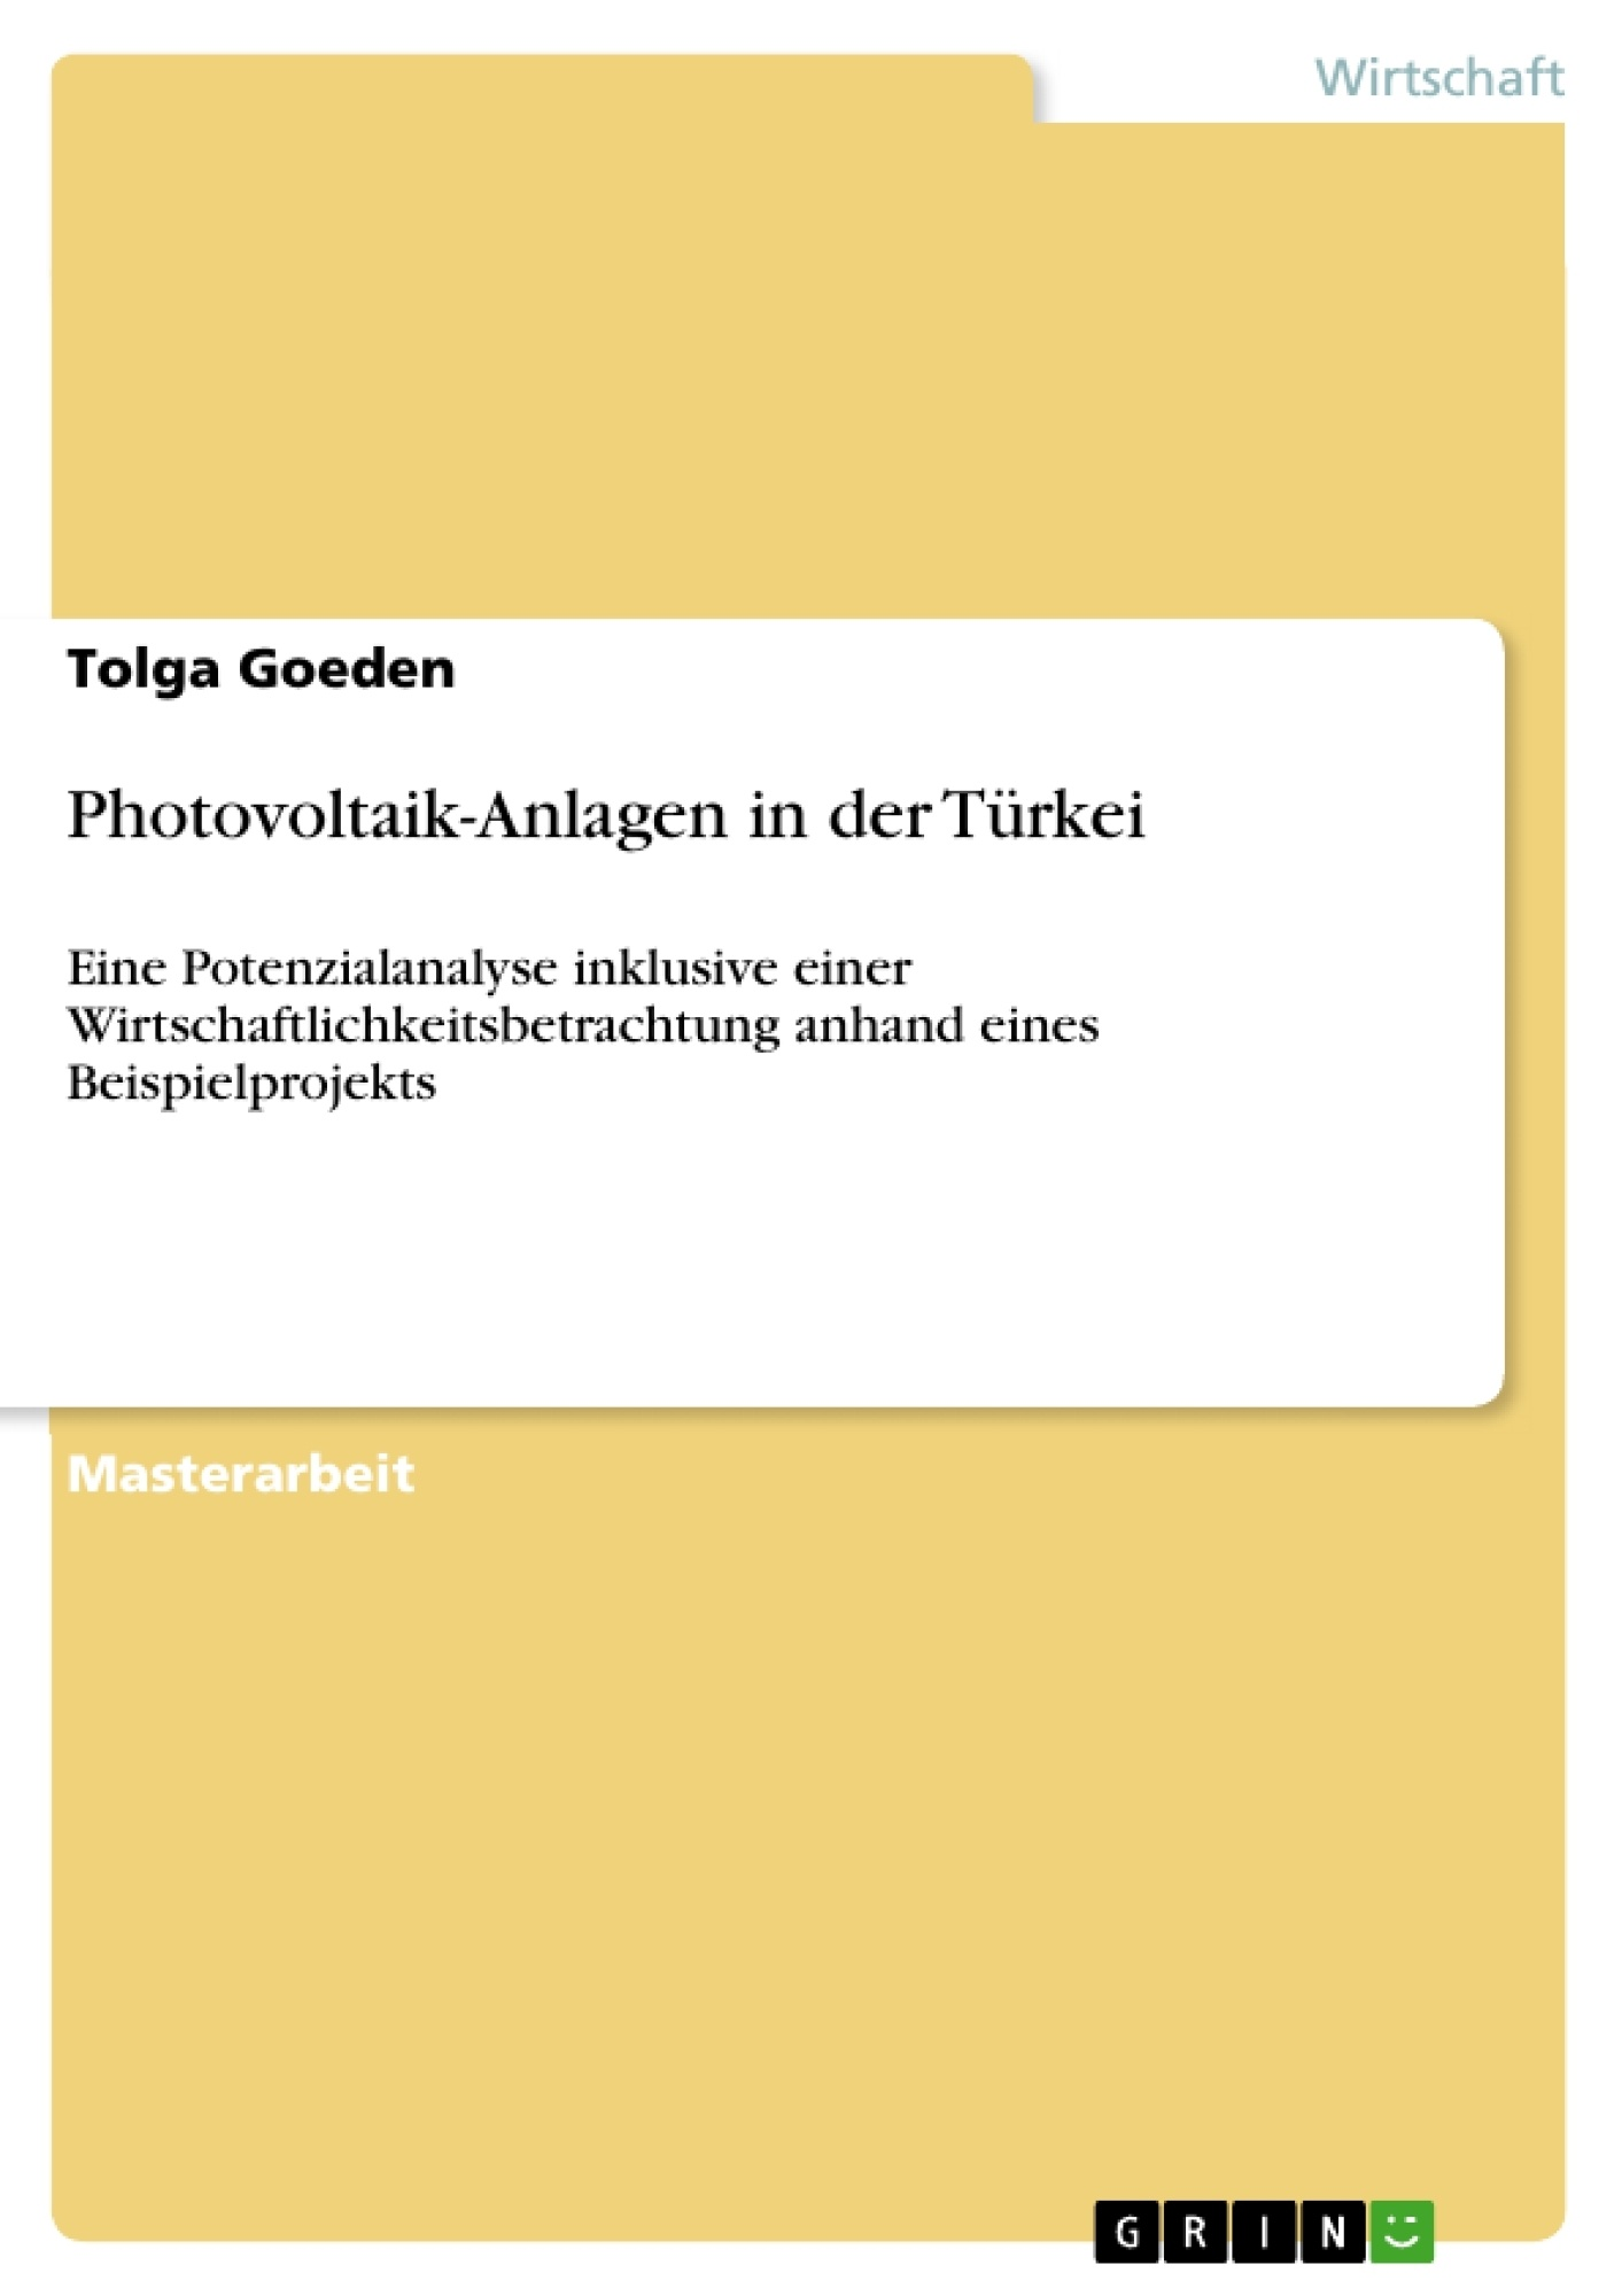 Titel: Photovoltaik-Anlagen in der Türkei